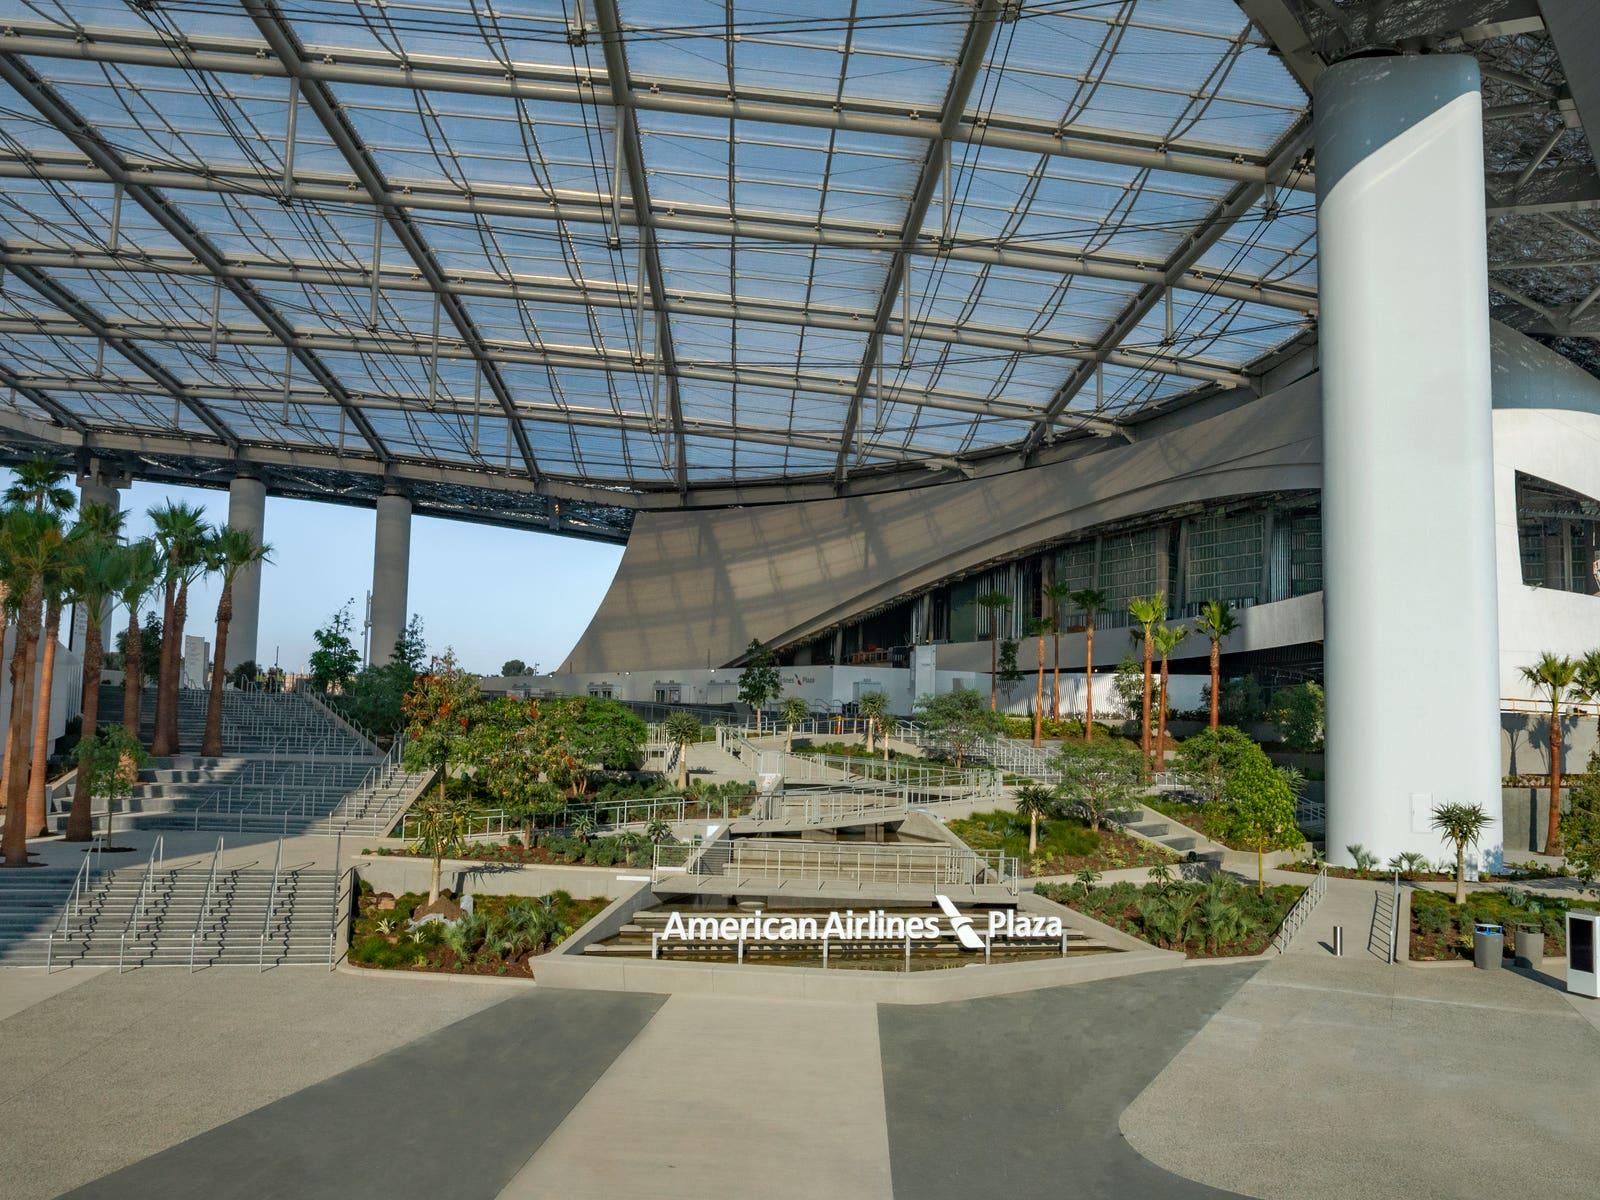 American Airlines Plaza at SoFi Stadium